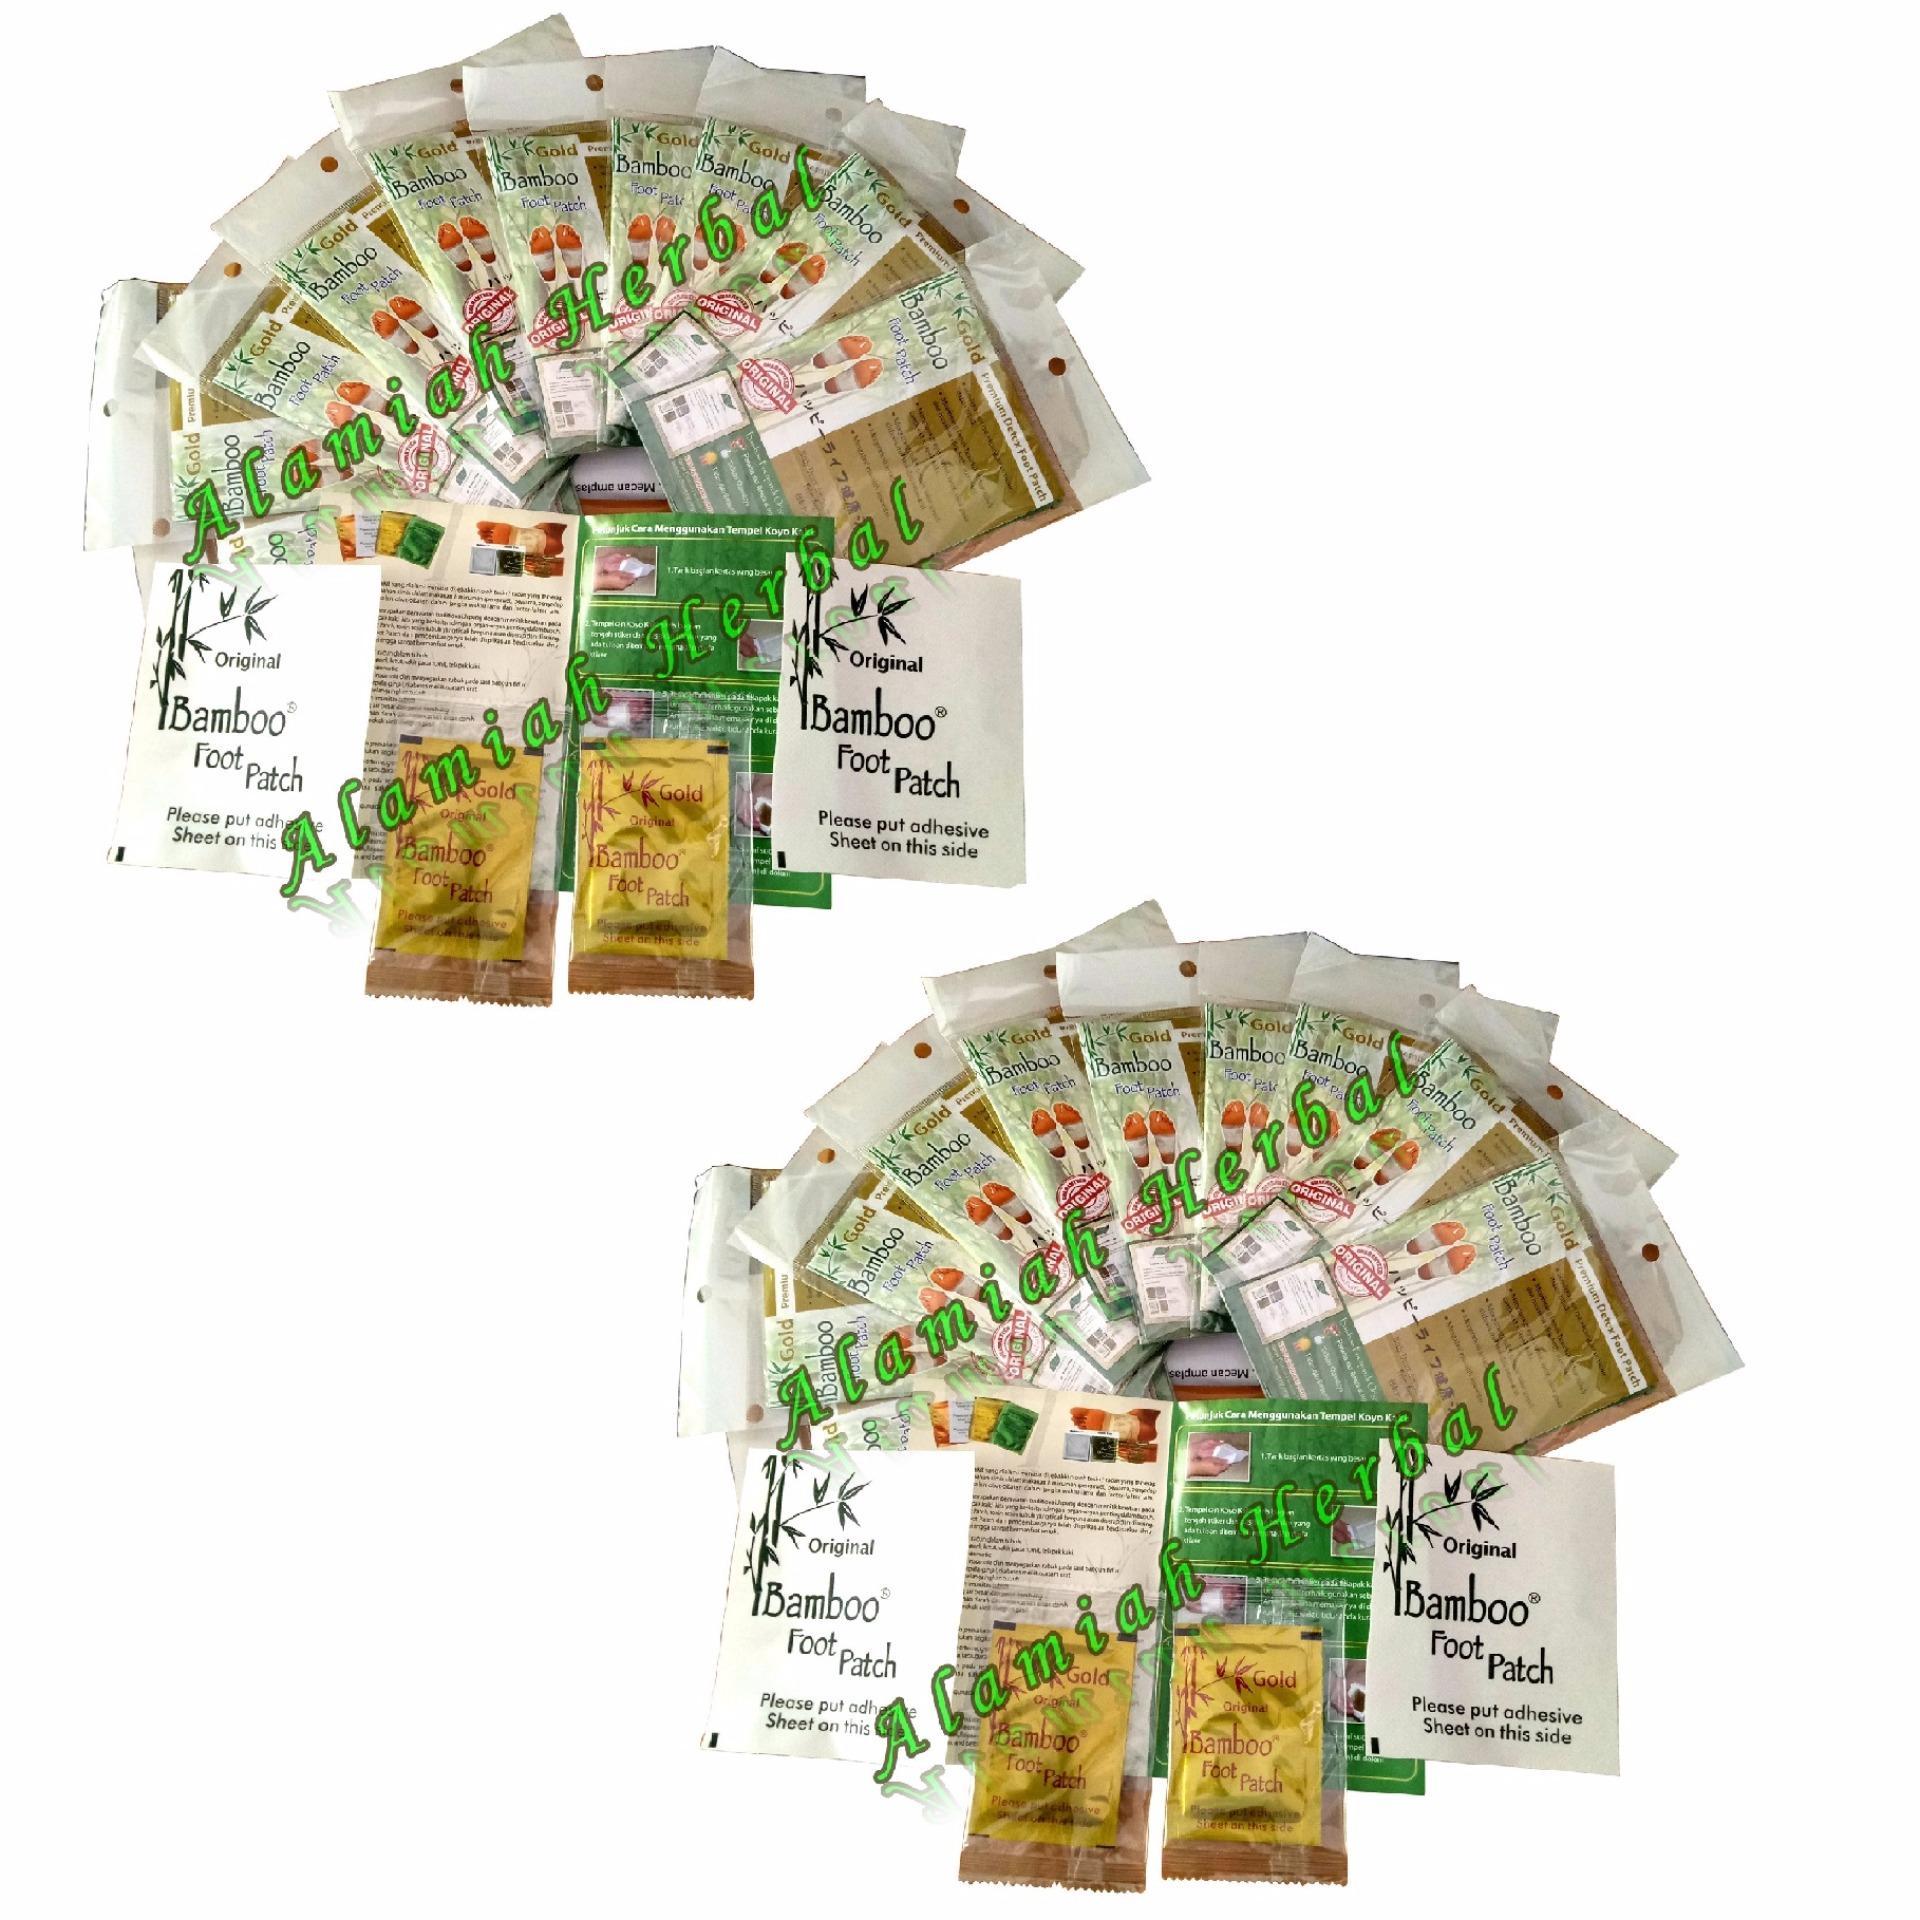 Harga preferensial Koyo Kaki Bamboo Gold premium detox Foot Patch Original guaranteed - 20 Pcs beli sekarang - Hanya Rp127.595